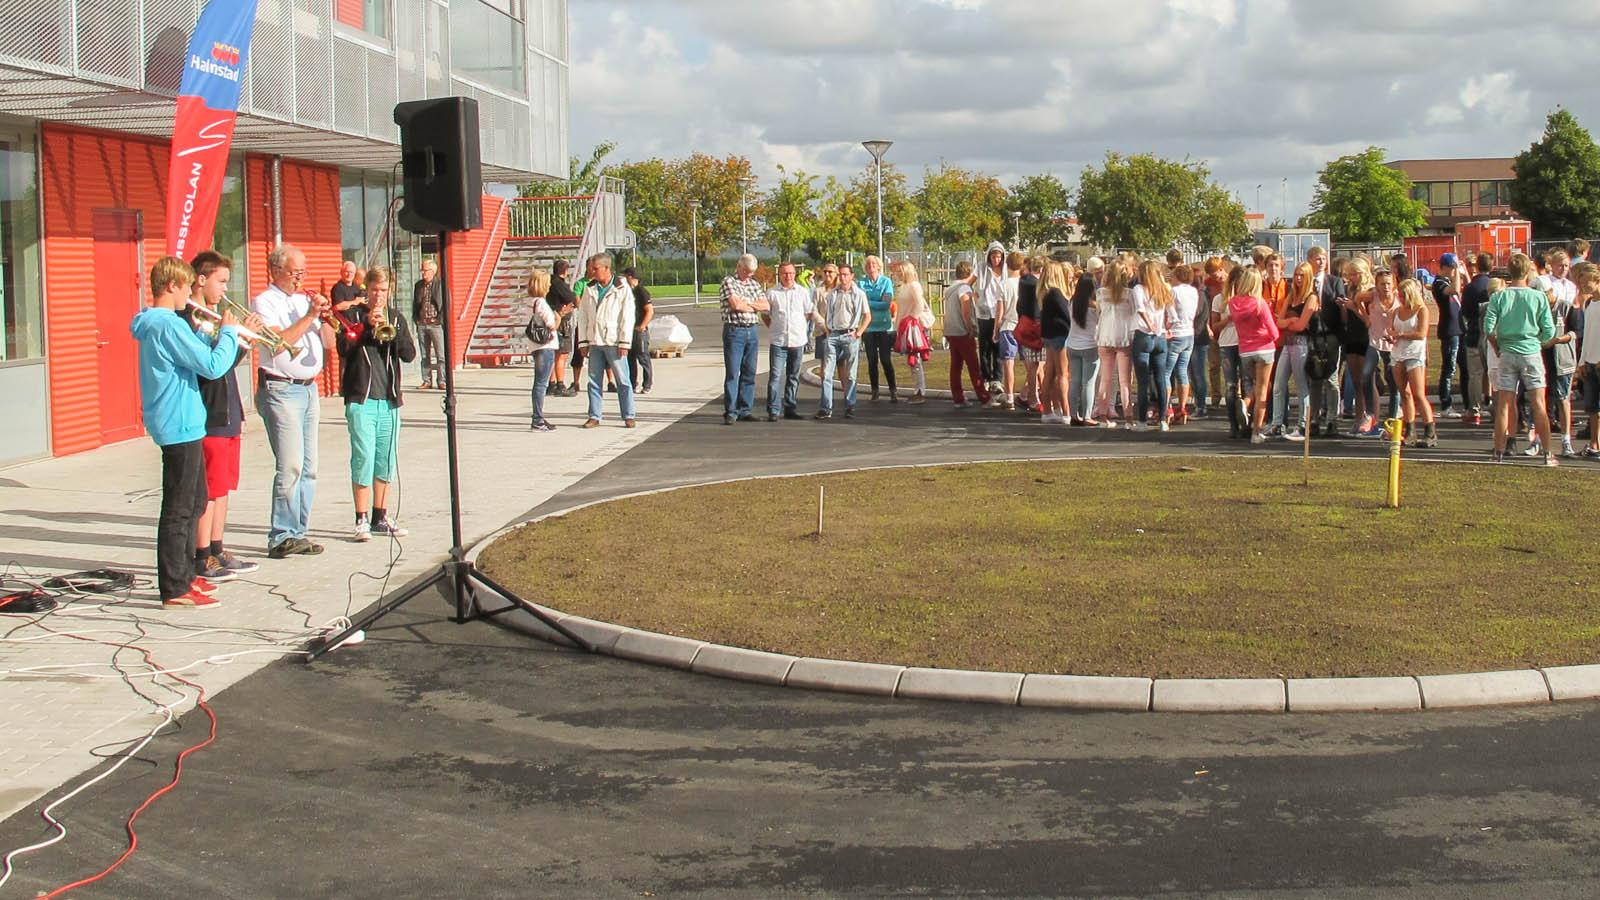 Ungdomar trängs framför sina graffitimålade skåp. Händer med nycklar sträcks fram mot nyckelhålen. Pärra Andreasson, Vad Vi Vill